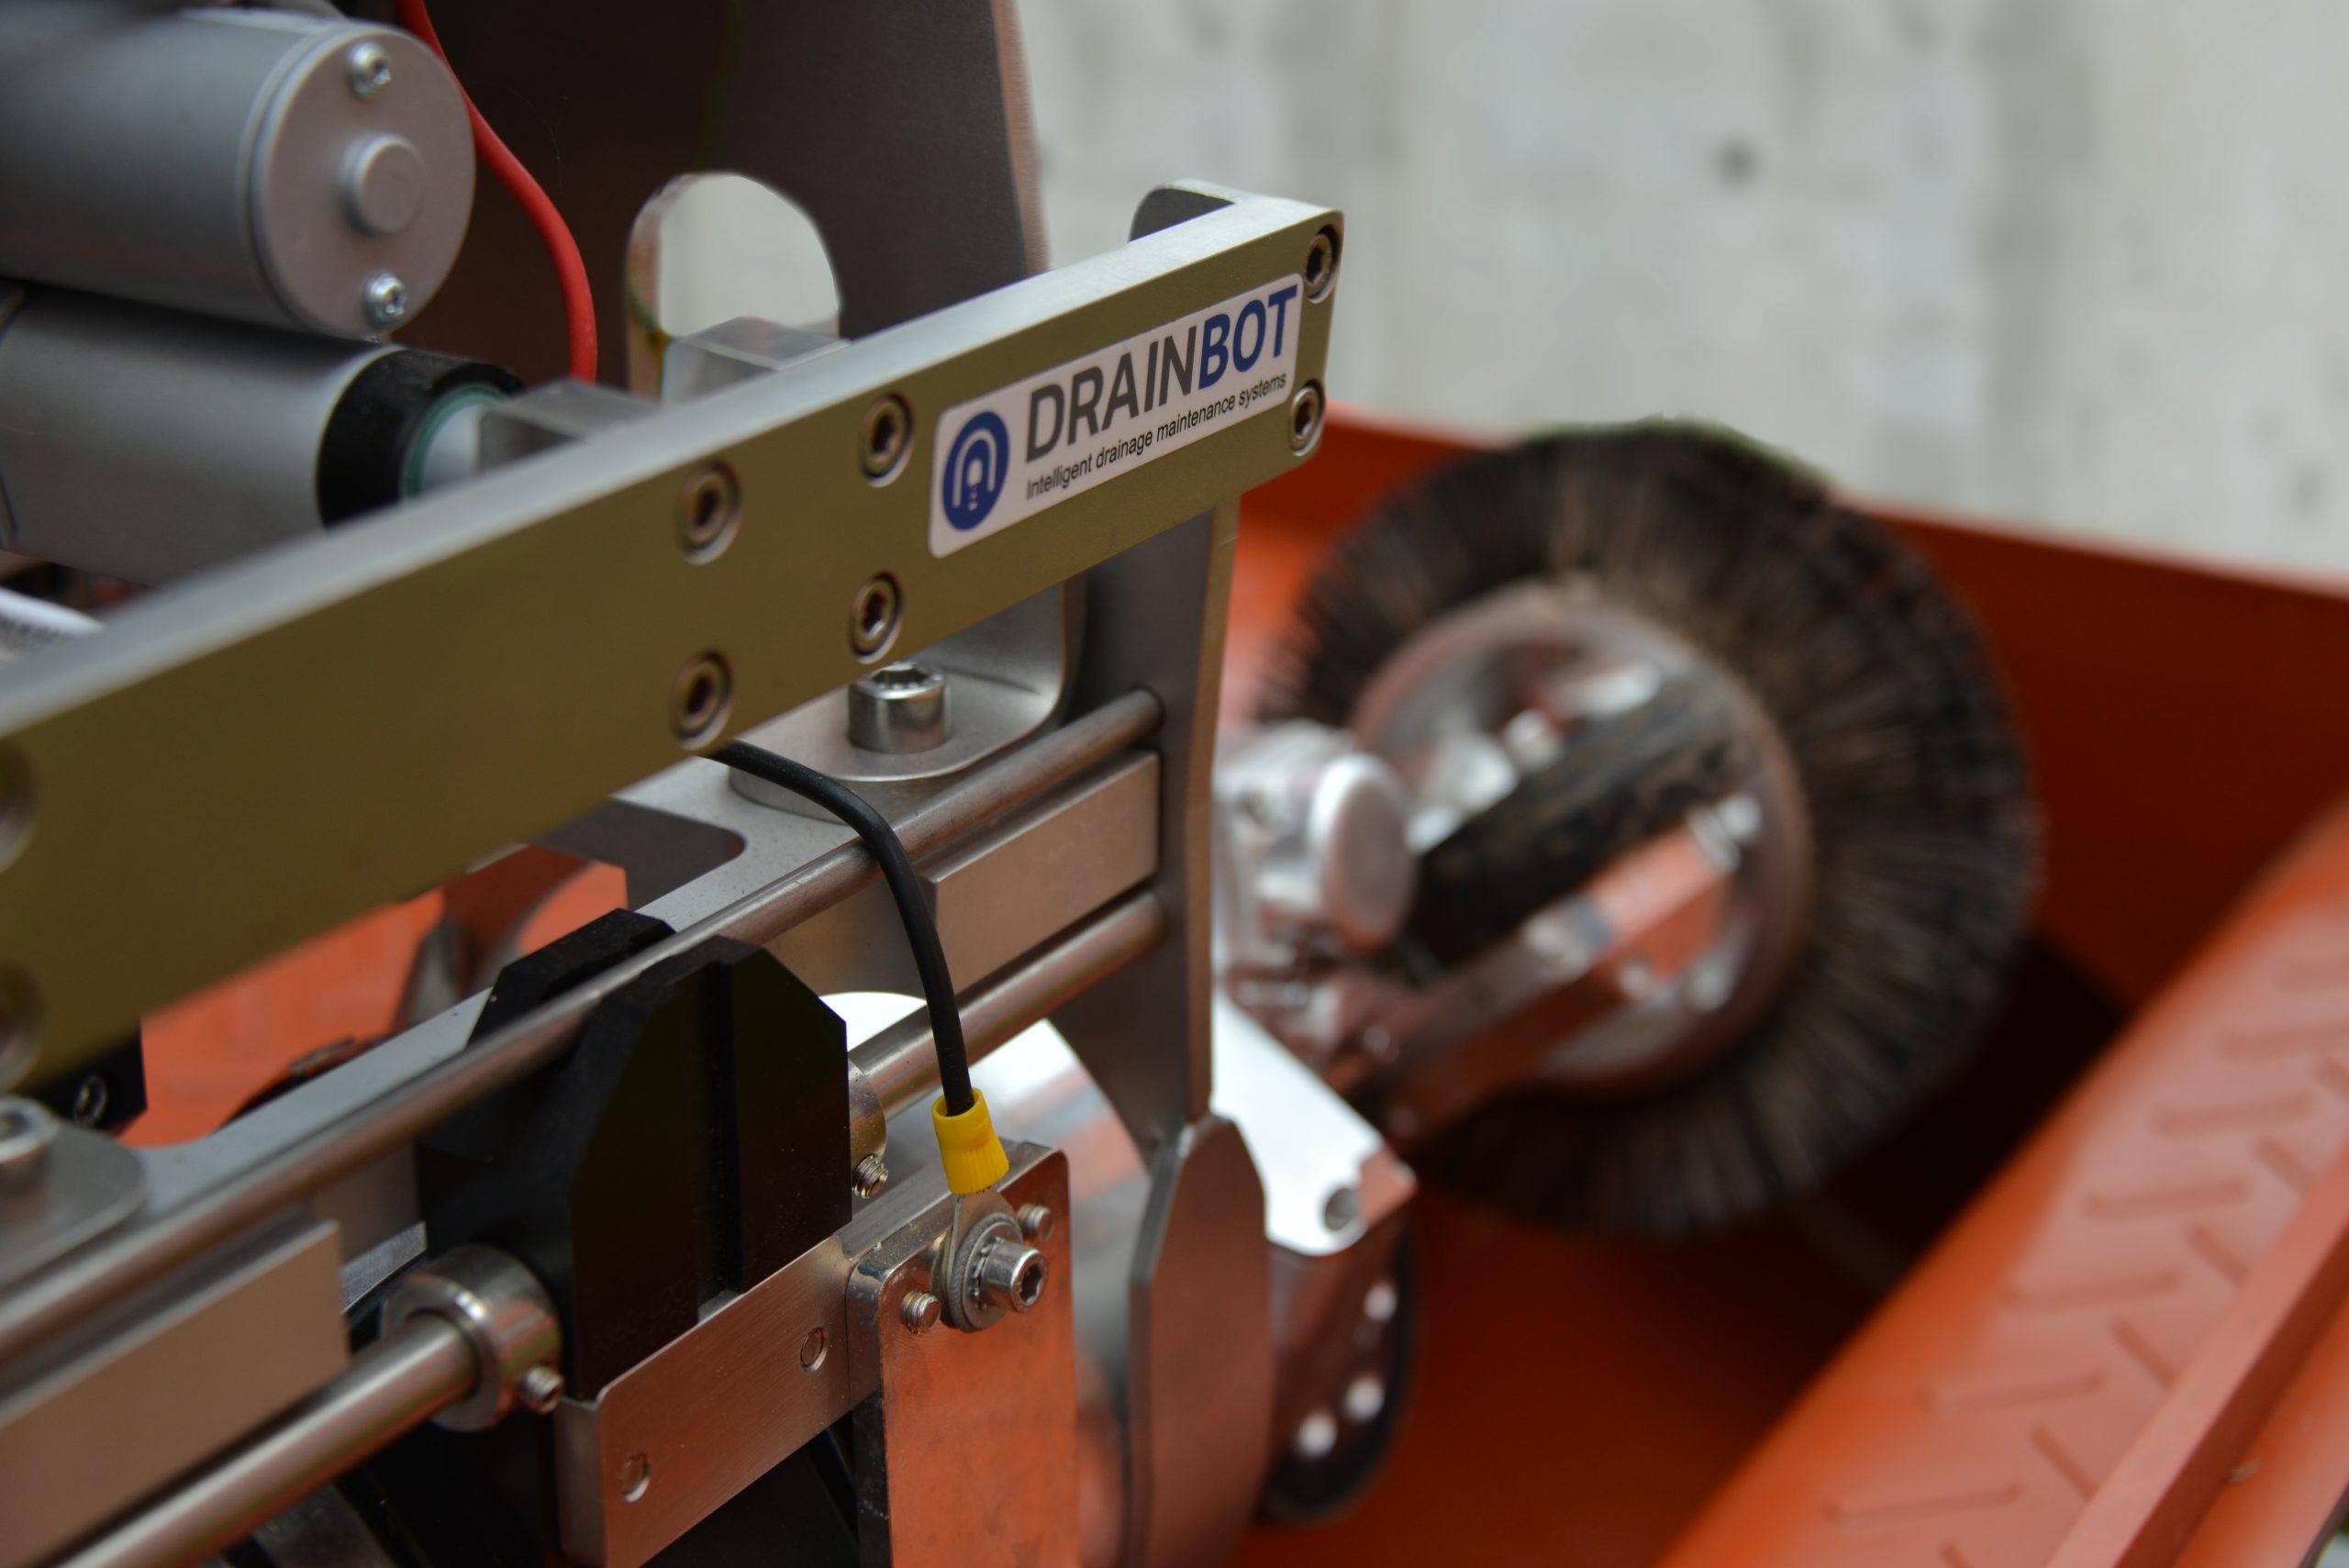 Mit 'DrainBot' werden die Tunneldrainagen mit einer enorm hohen Effizienz gereinigt, ohne dabei einen großen Einfluss auf die Umwelt zu verursachen (Credit: DrainBot)